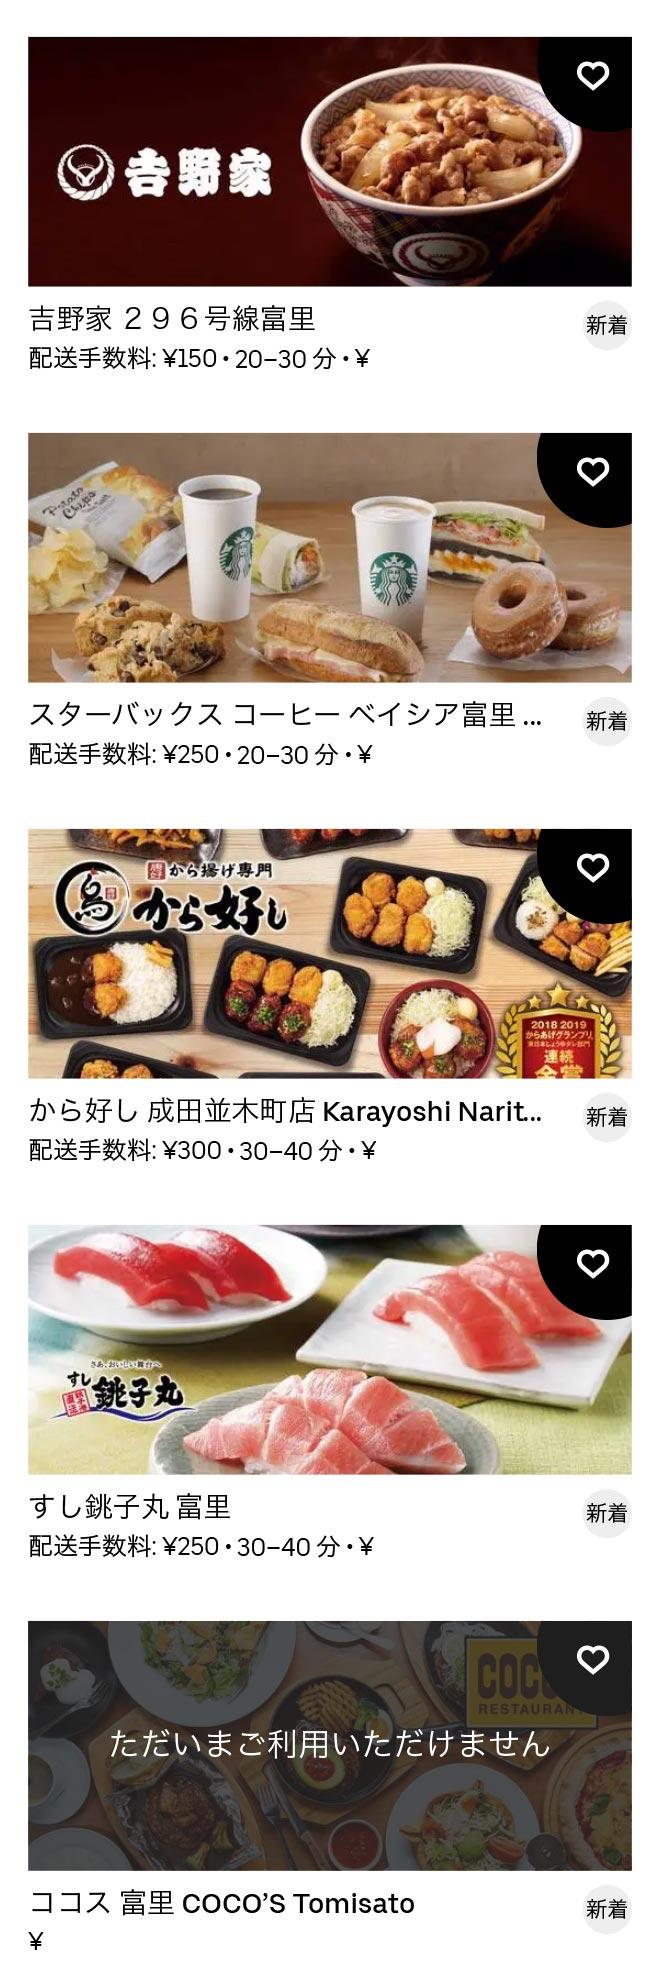 Tomisato menu 2011 4